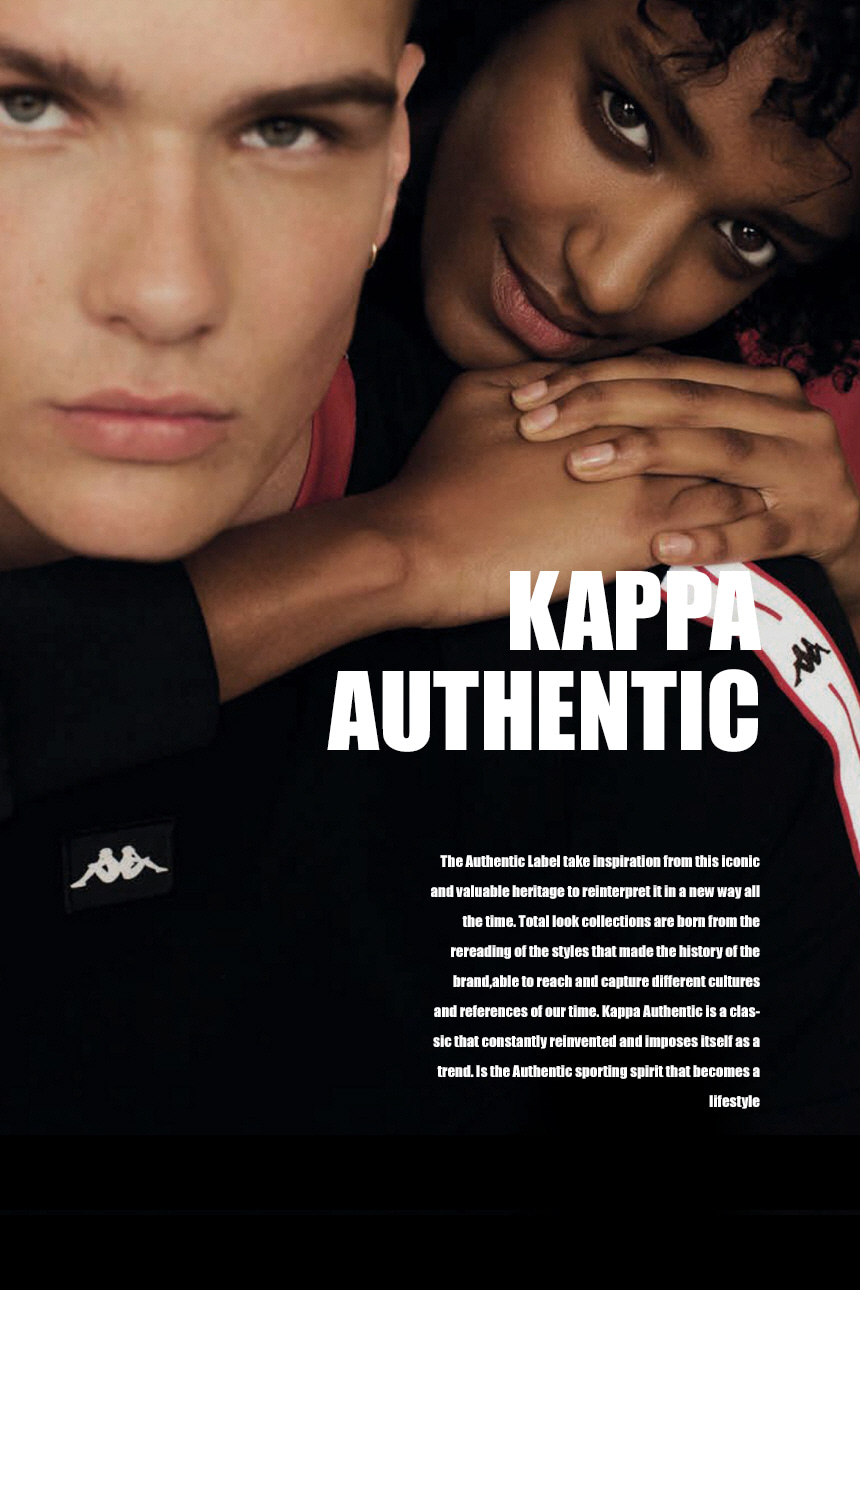 카파(KAPPA) 라이트 스포츠 브라탑 화이트 KJSL221FN